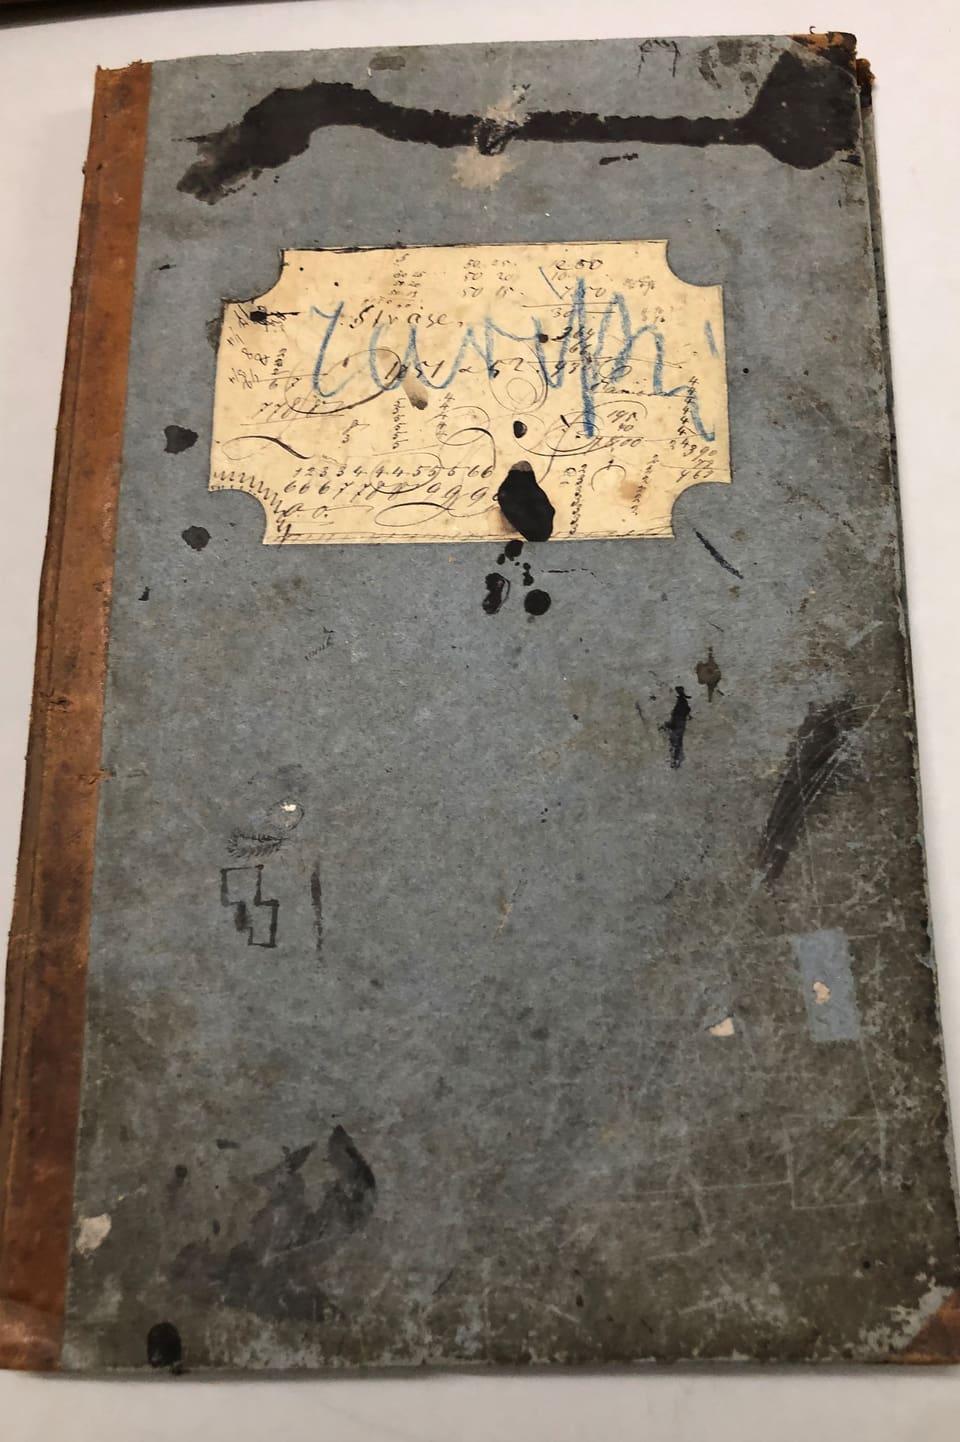 Il cudesch da contabilitad da Johannes Badrutt che cuntegna era copias da brevs e skizzas.